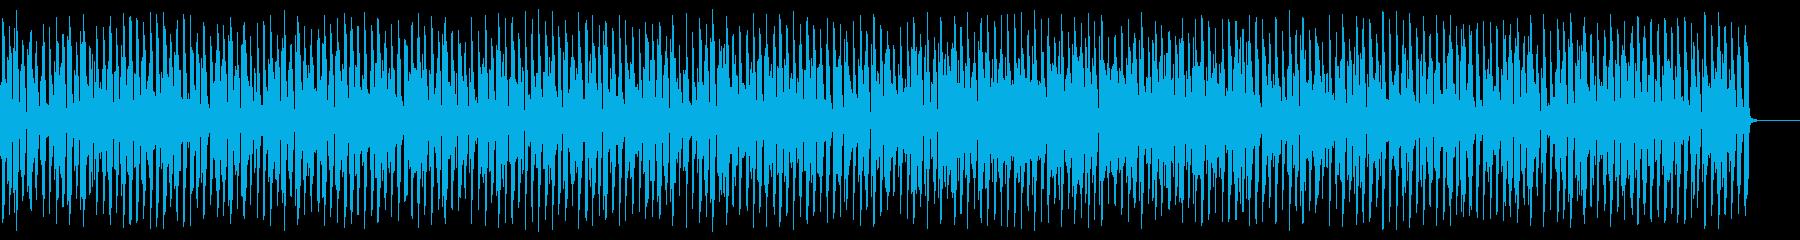 陽気でほのぼのアコーディオンジャズの再生済みの波形